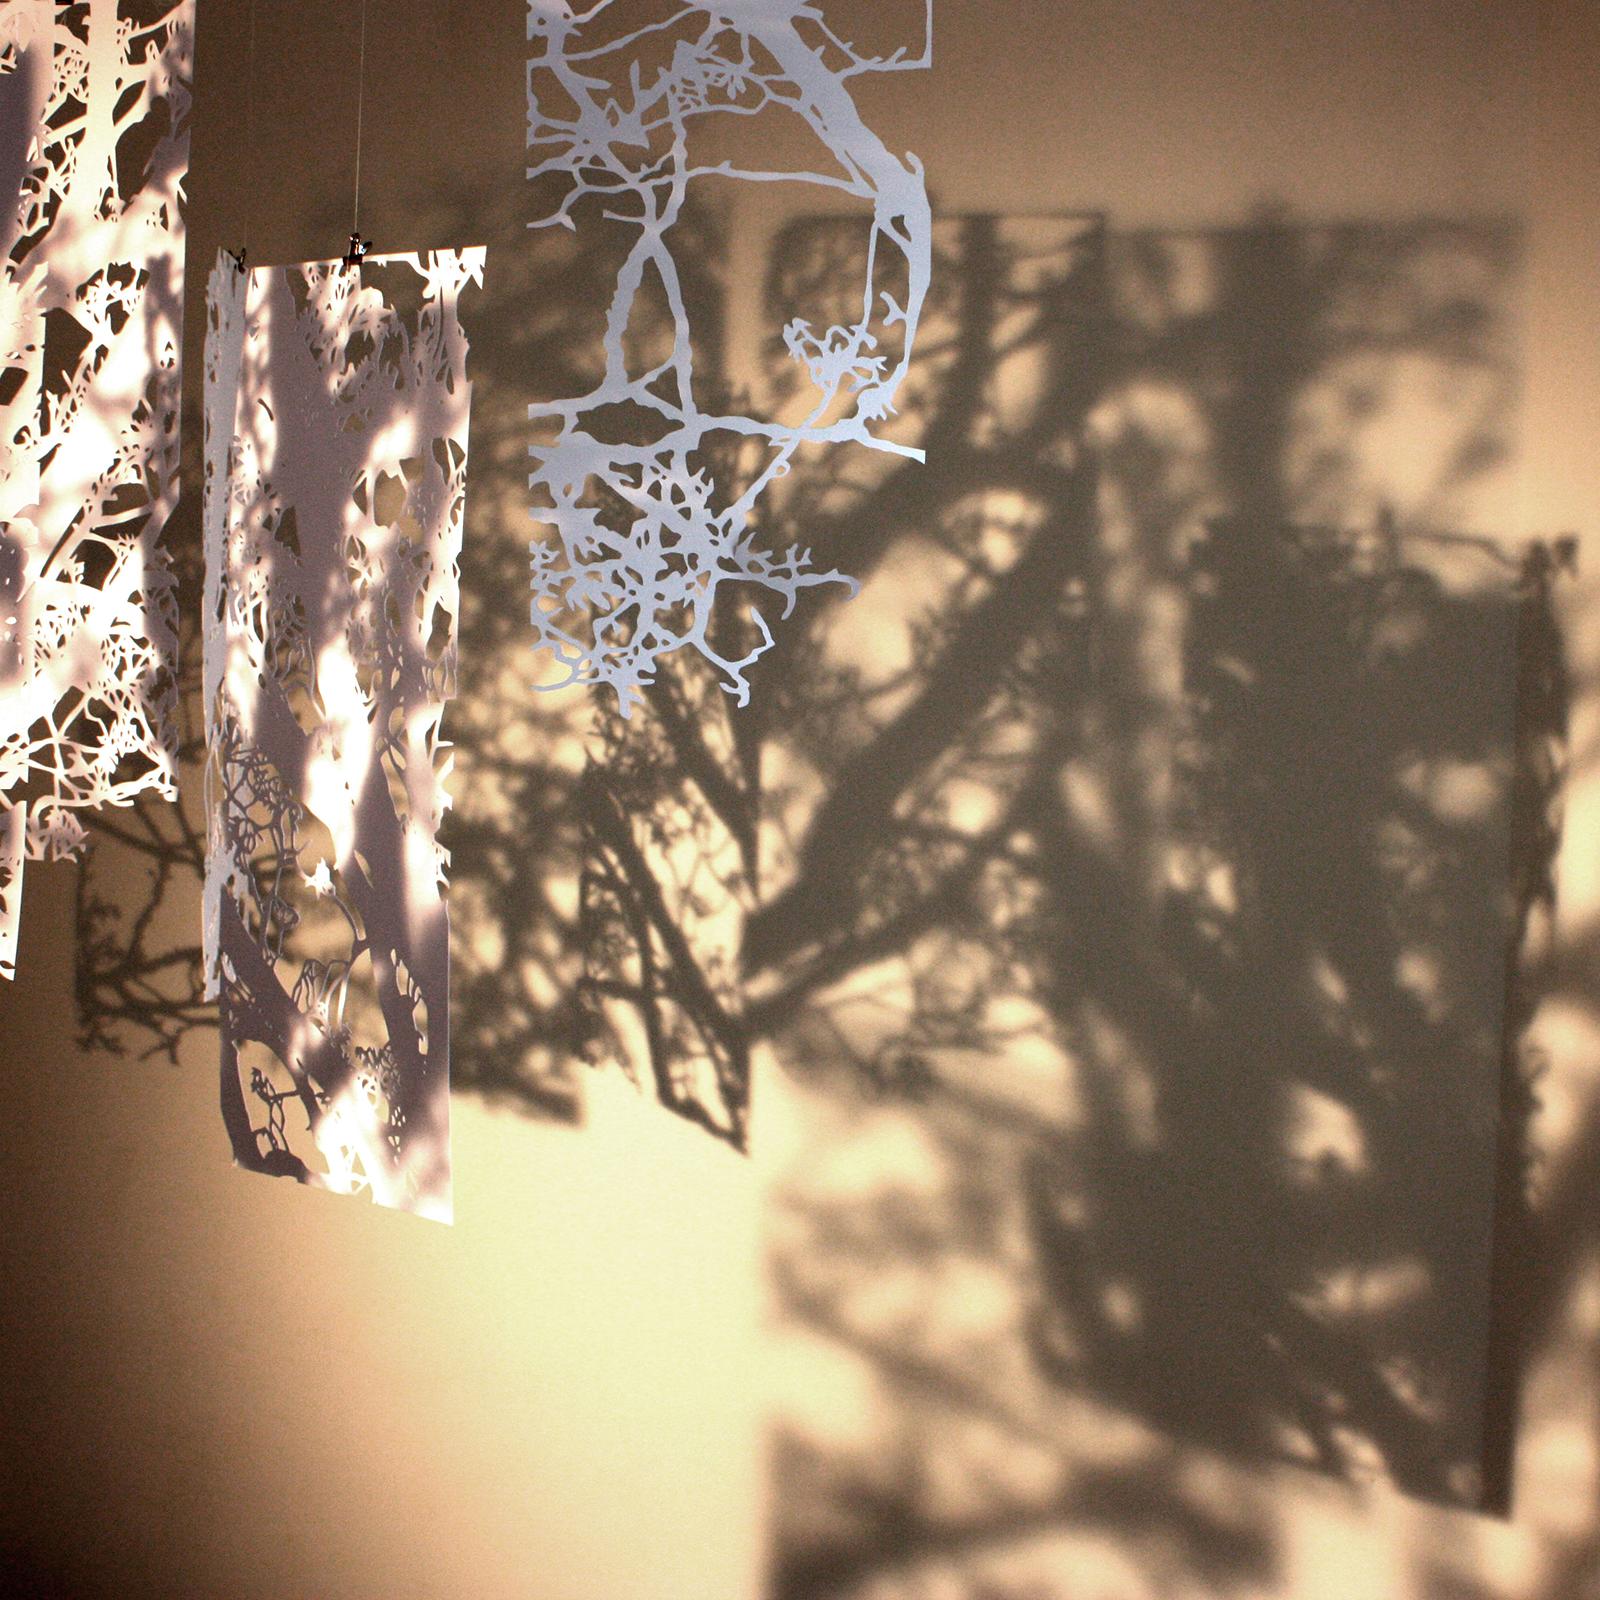 Théâtre d'ombre, apparition et disparition du chêne selon le mouvement des mobiles